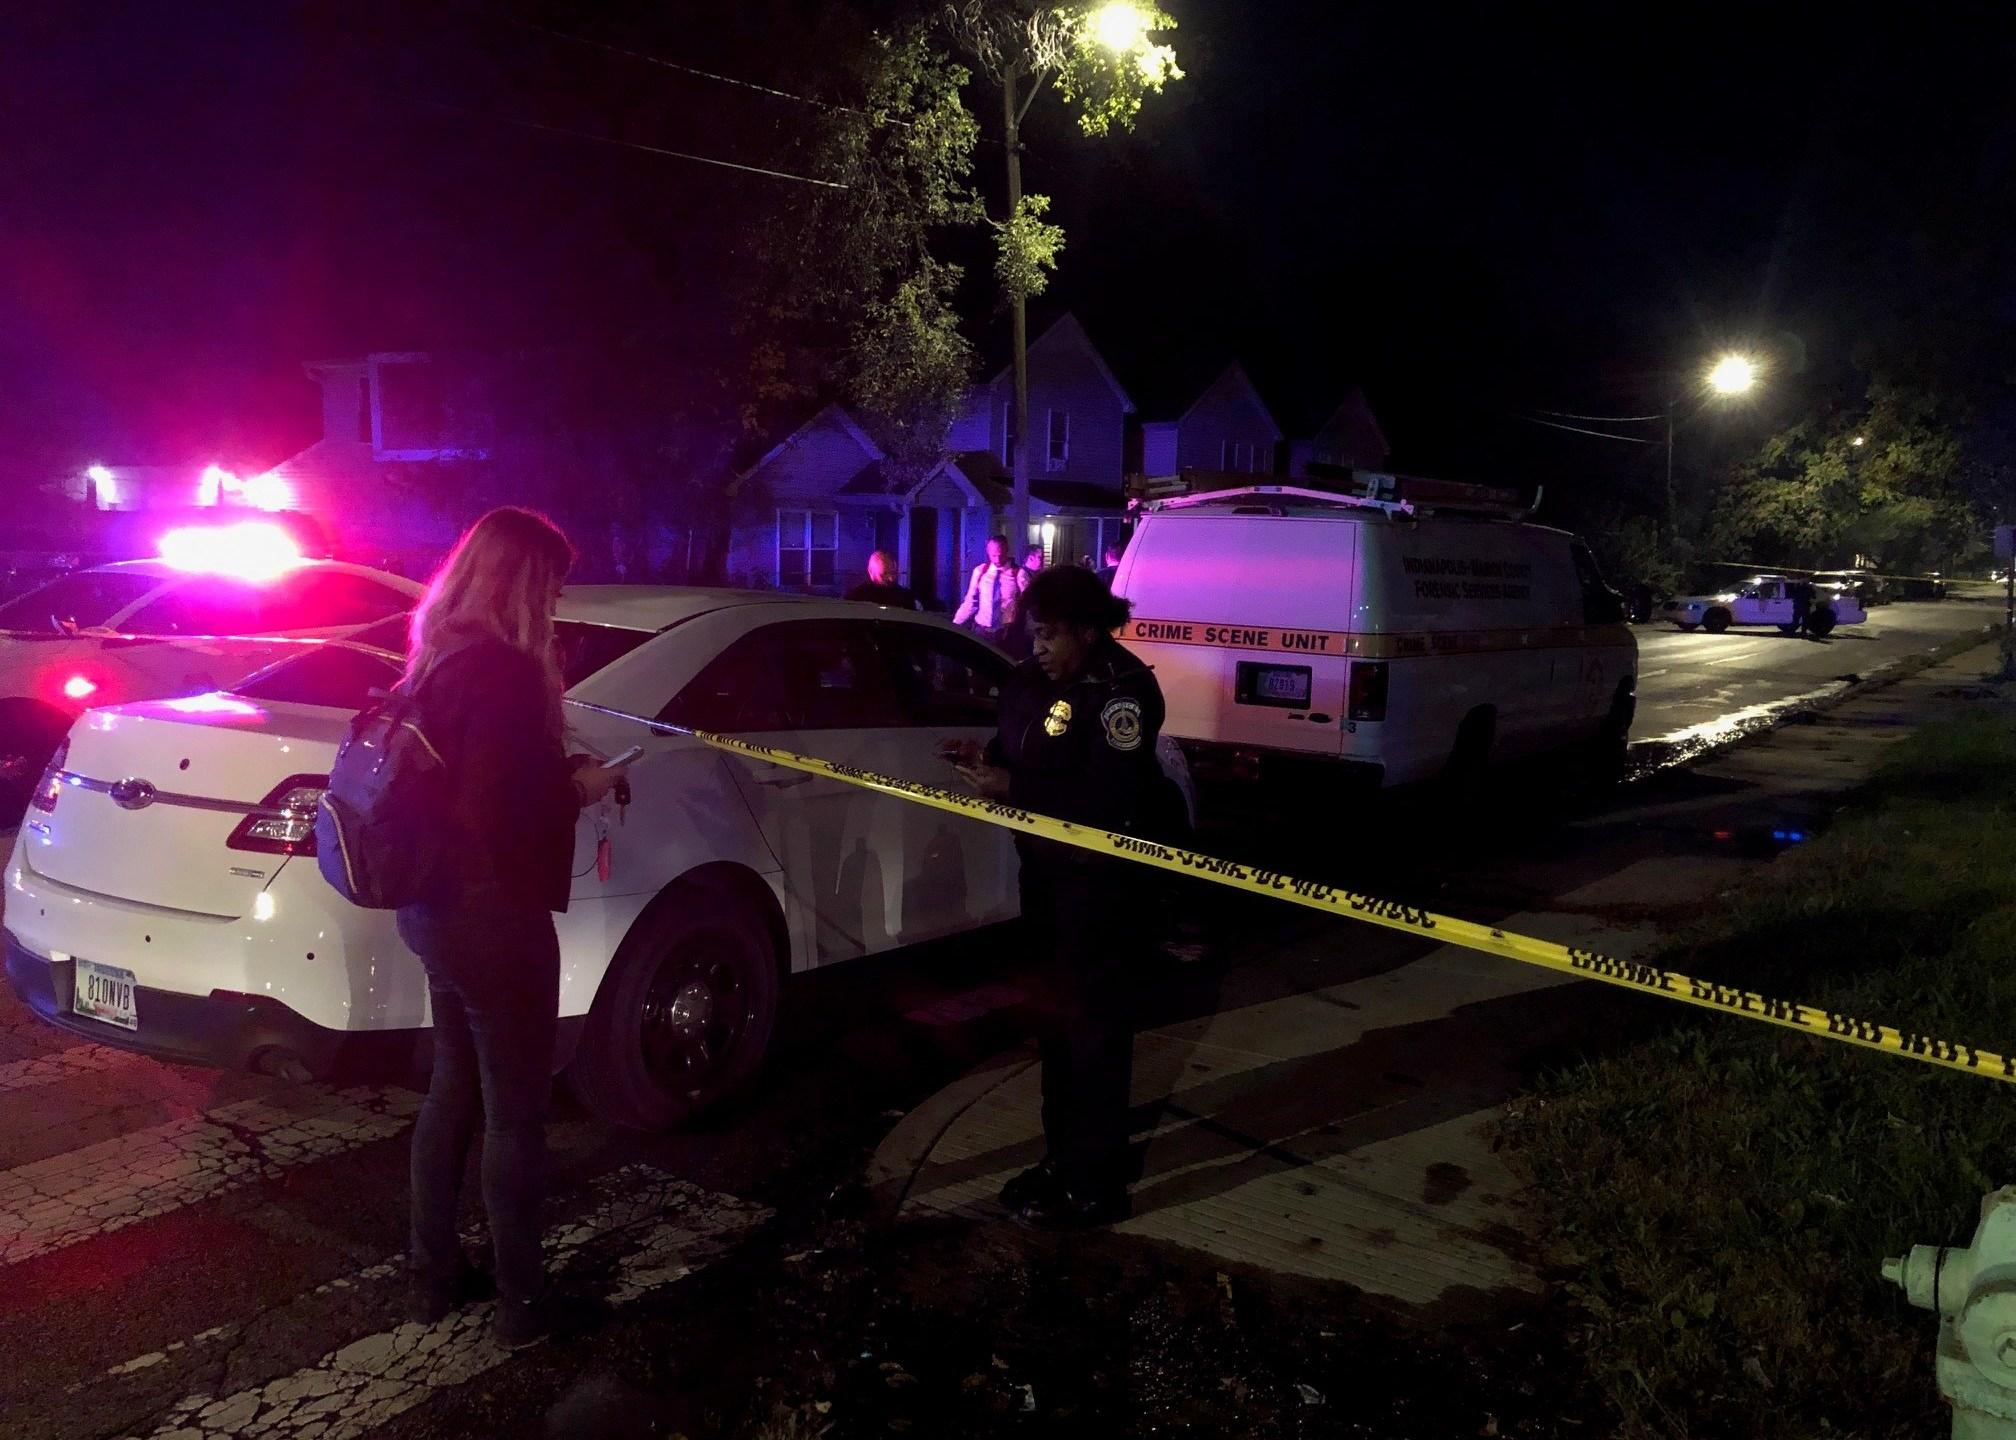 Clifton Street crime scene